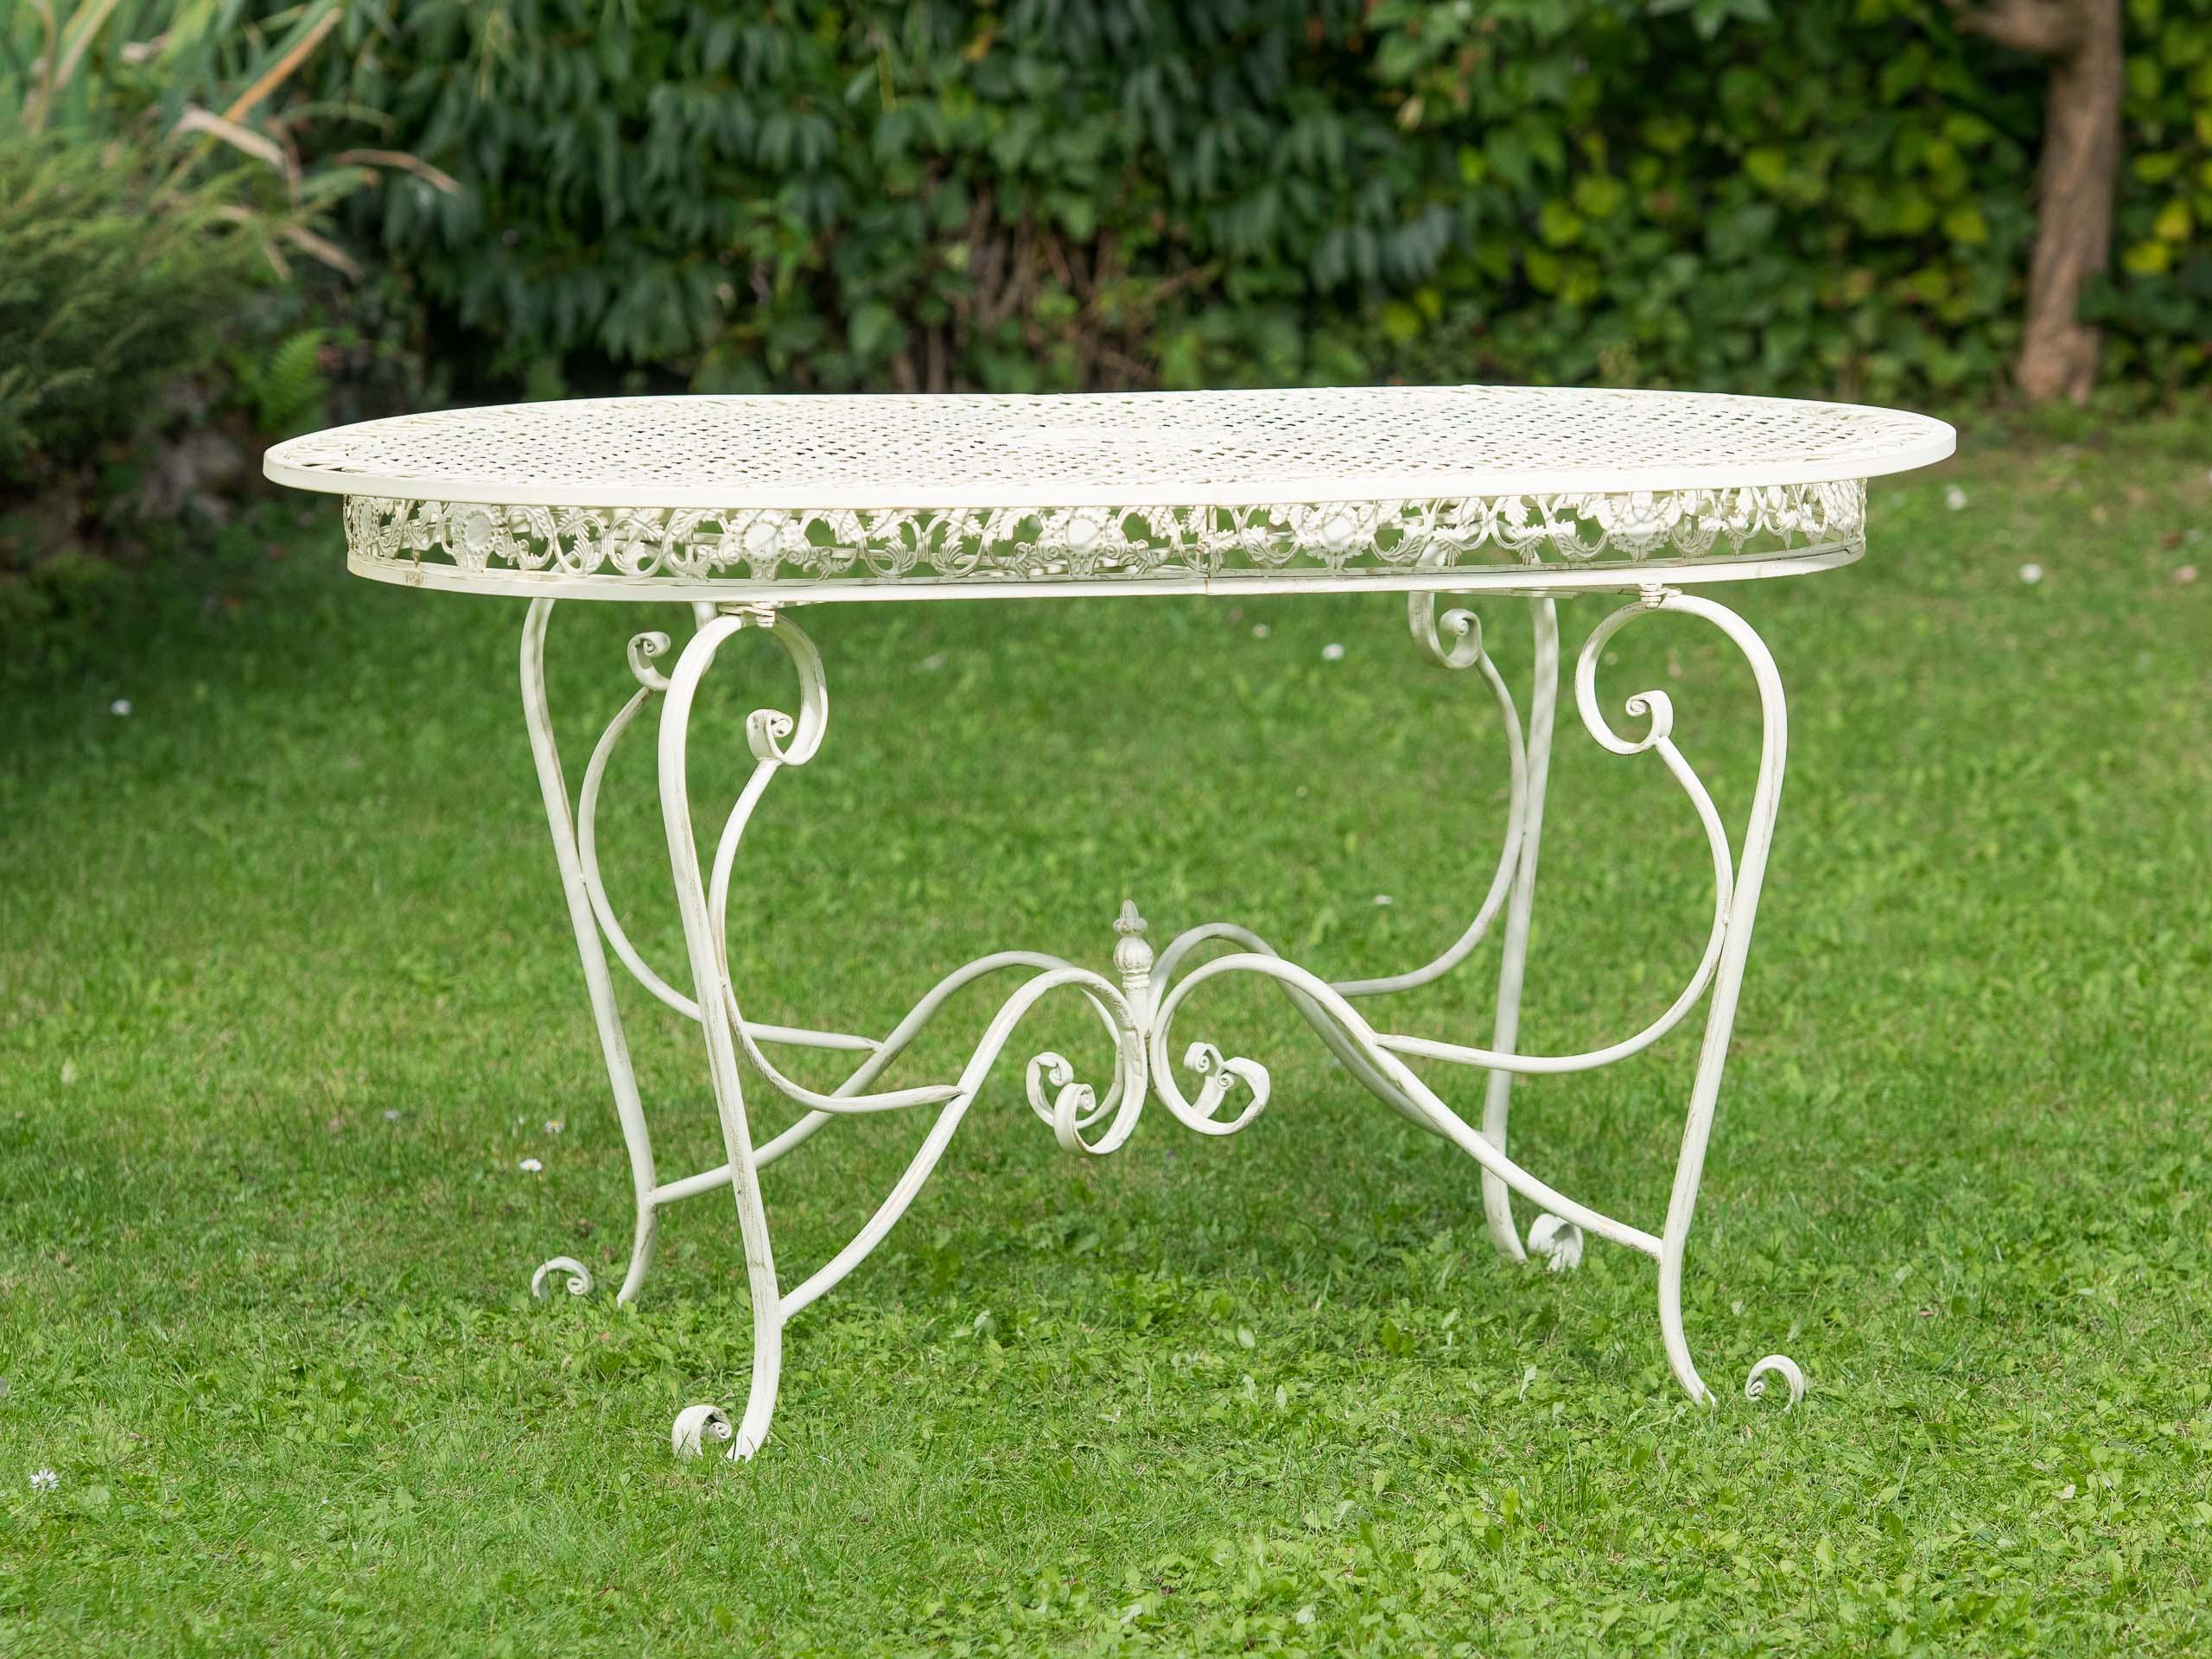 Tavolo Giardino Ferro Bianco.Set Tavolo Da Giardino 4 Sedie In Ferro Bianco Crema Mobili Da